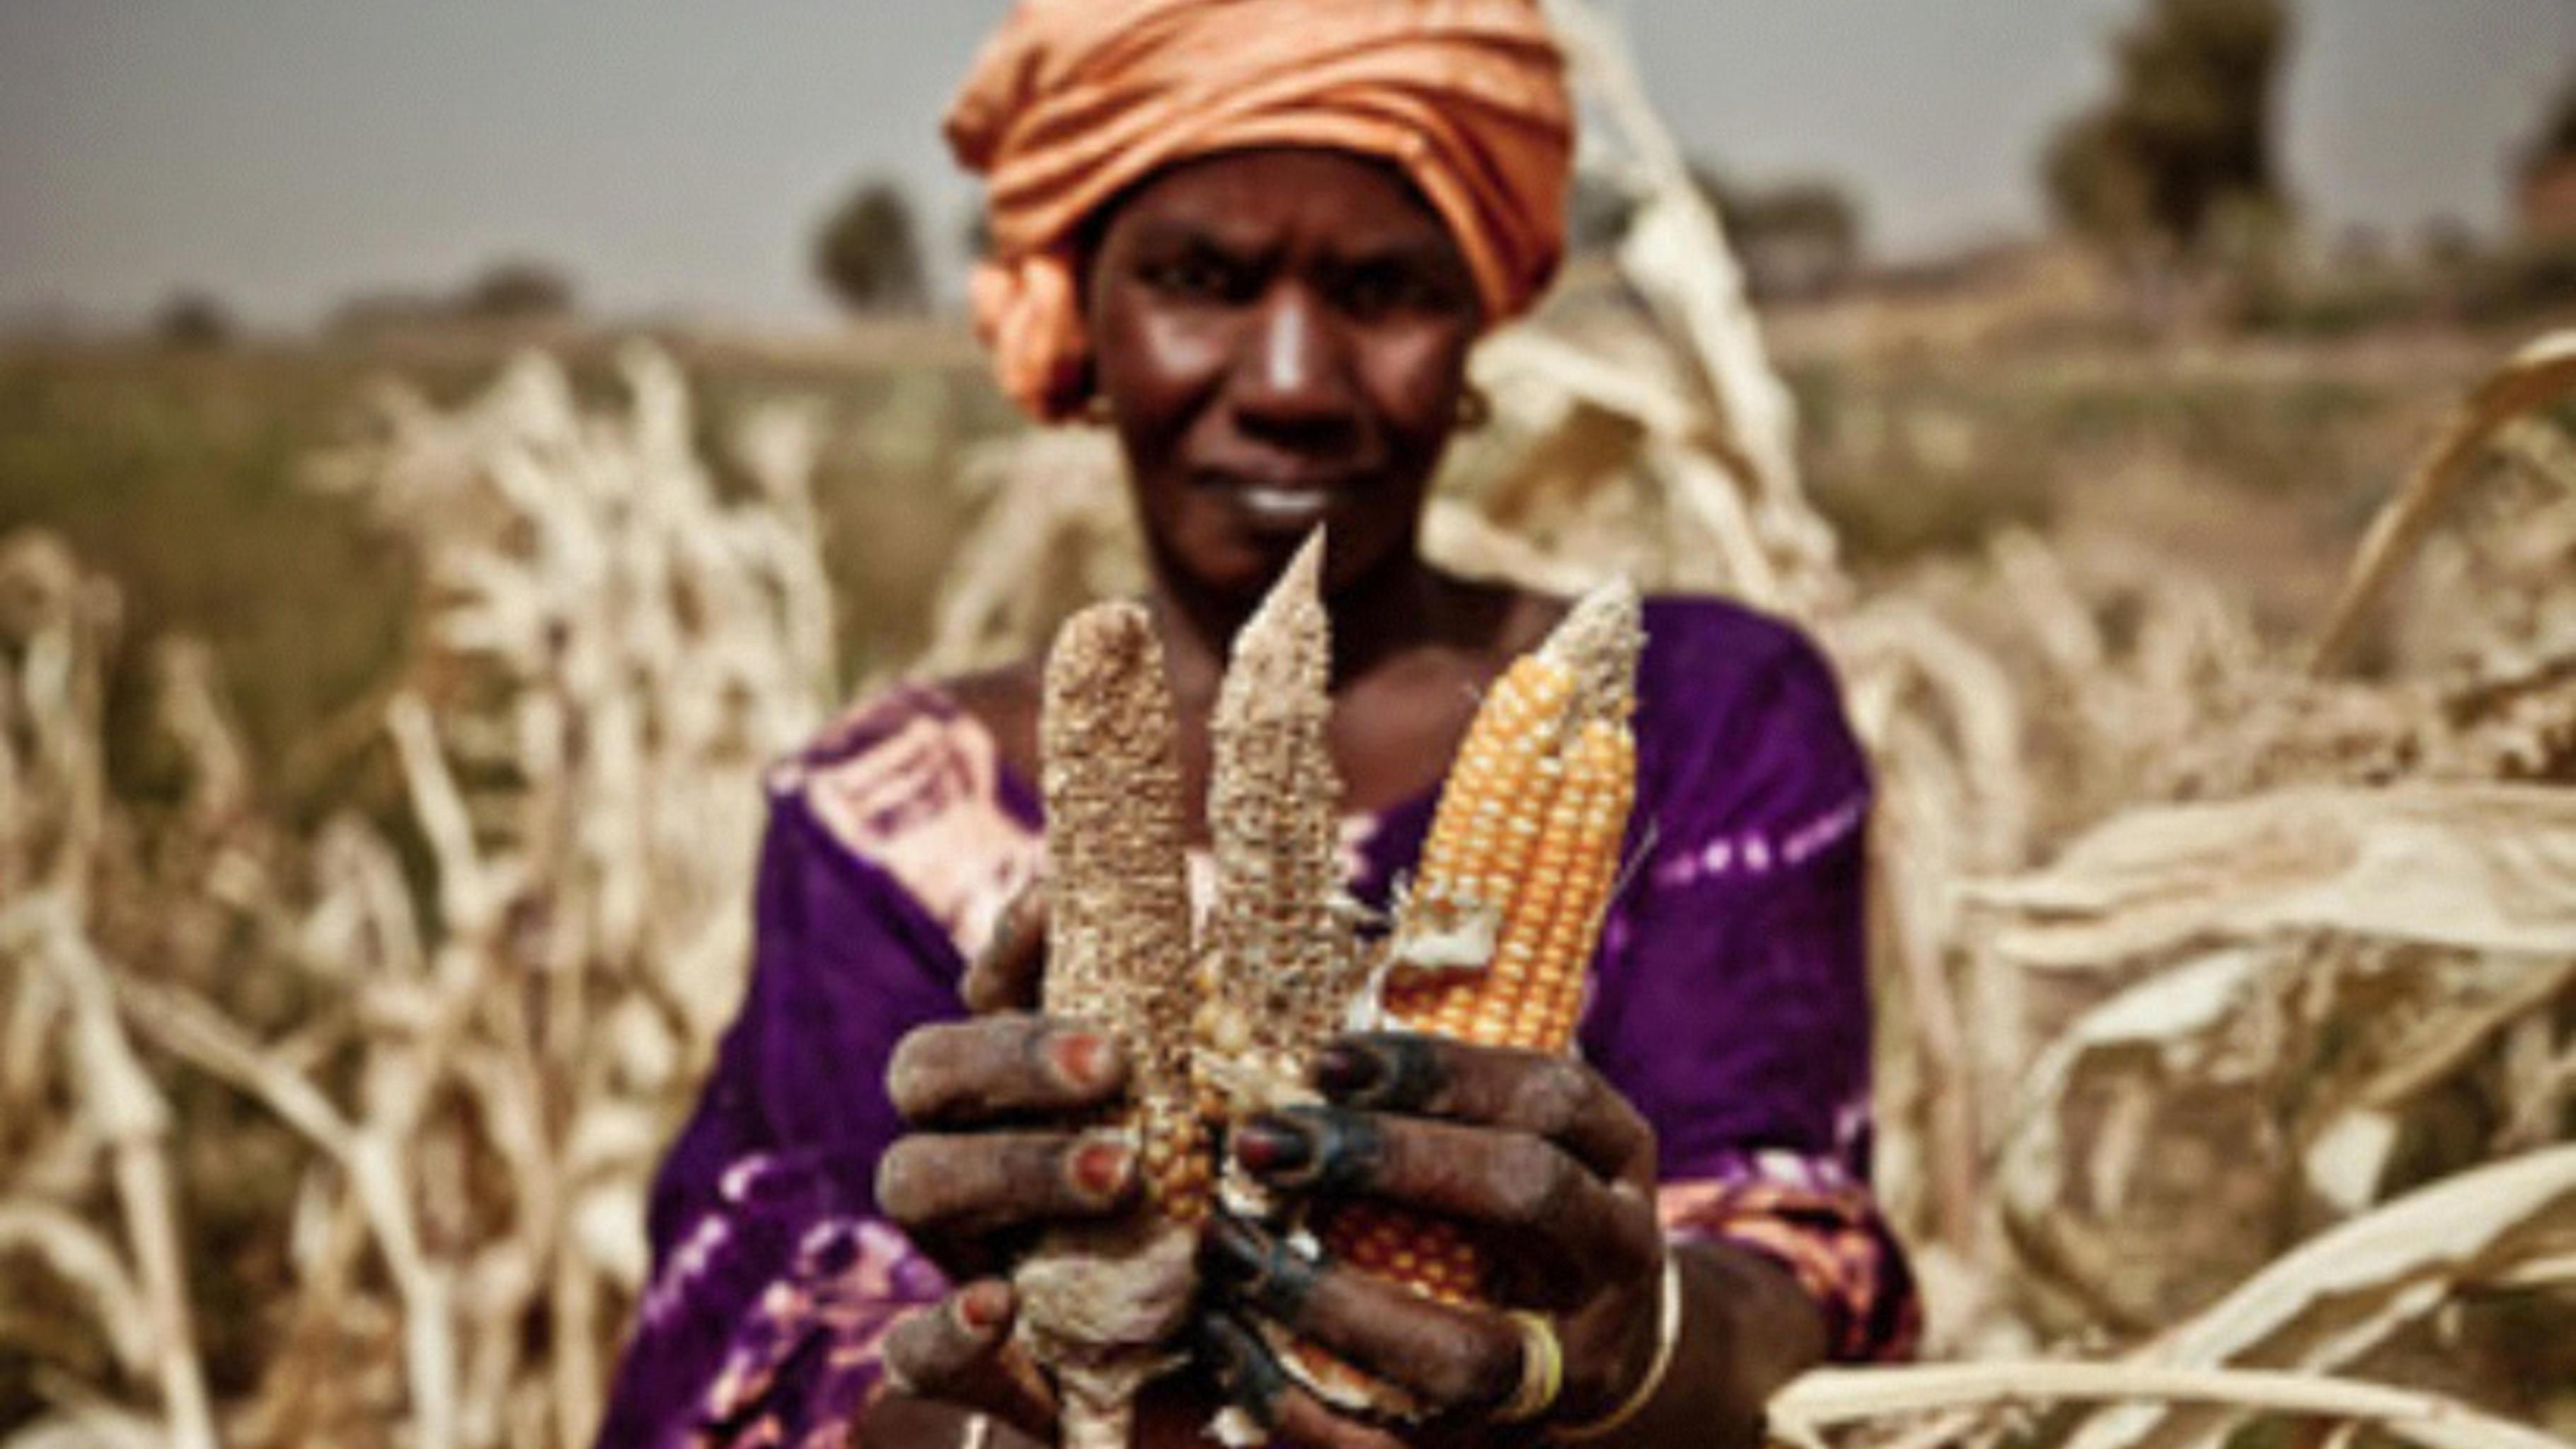 Mangelnder Regen lässt die Maisfelder vertrocknen.